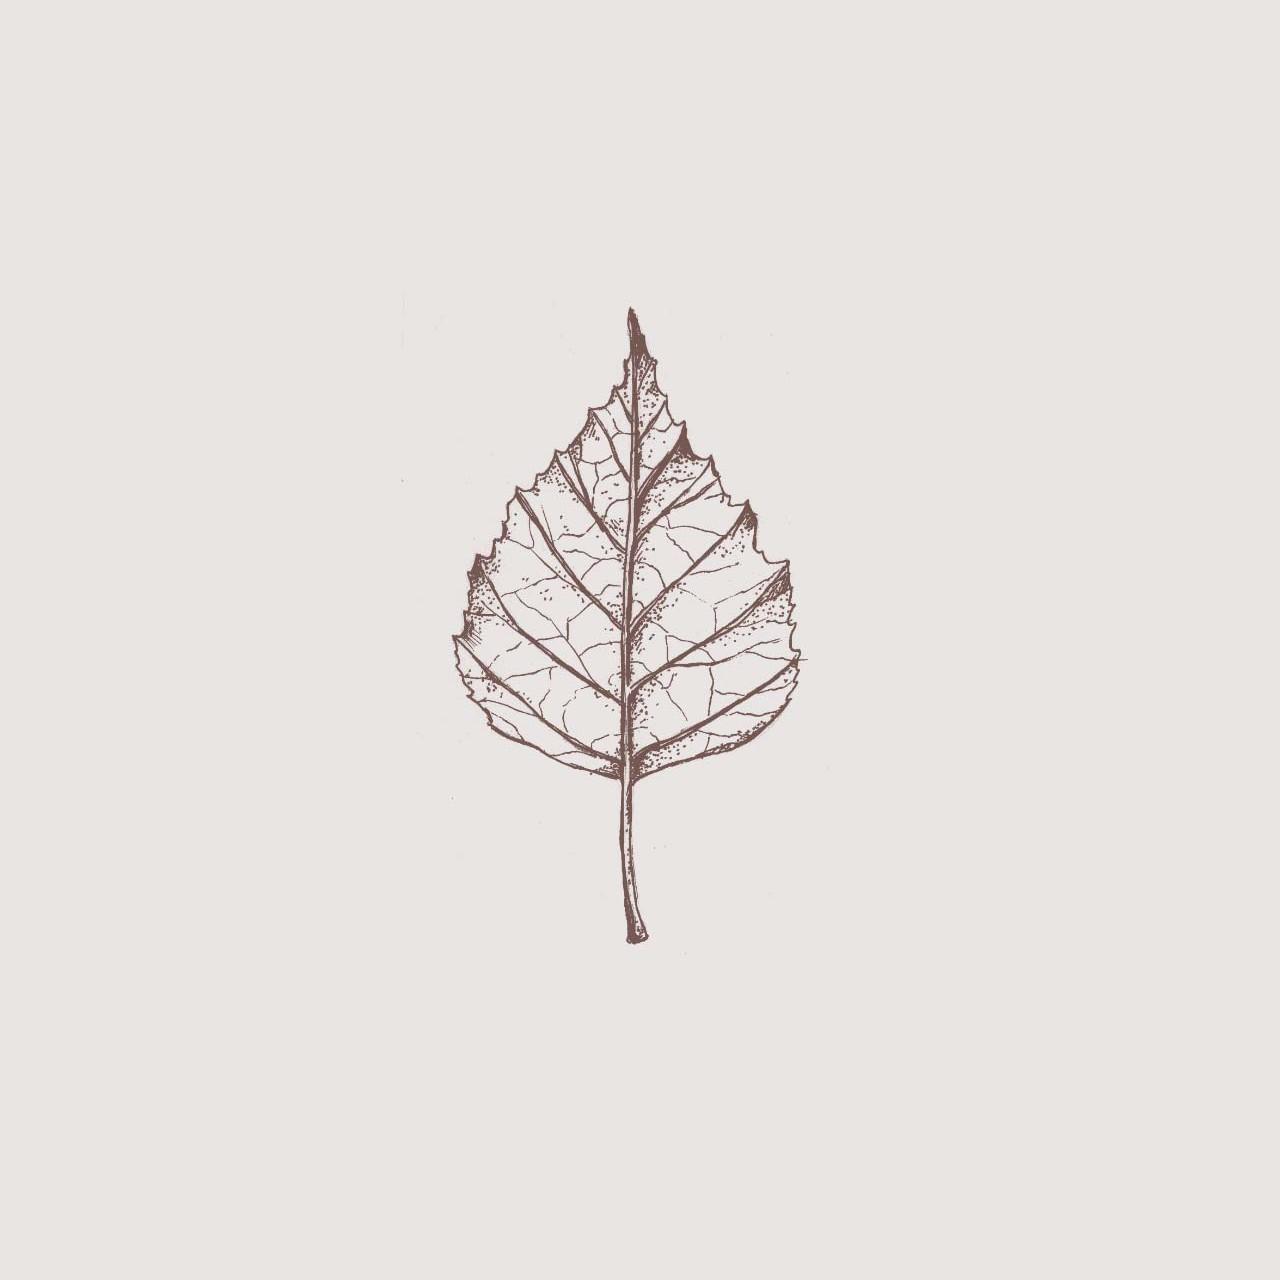 troostkaart berkenblad